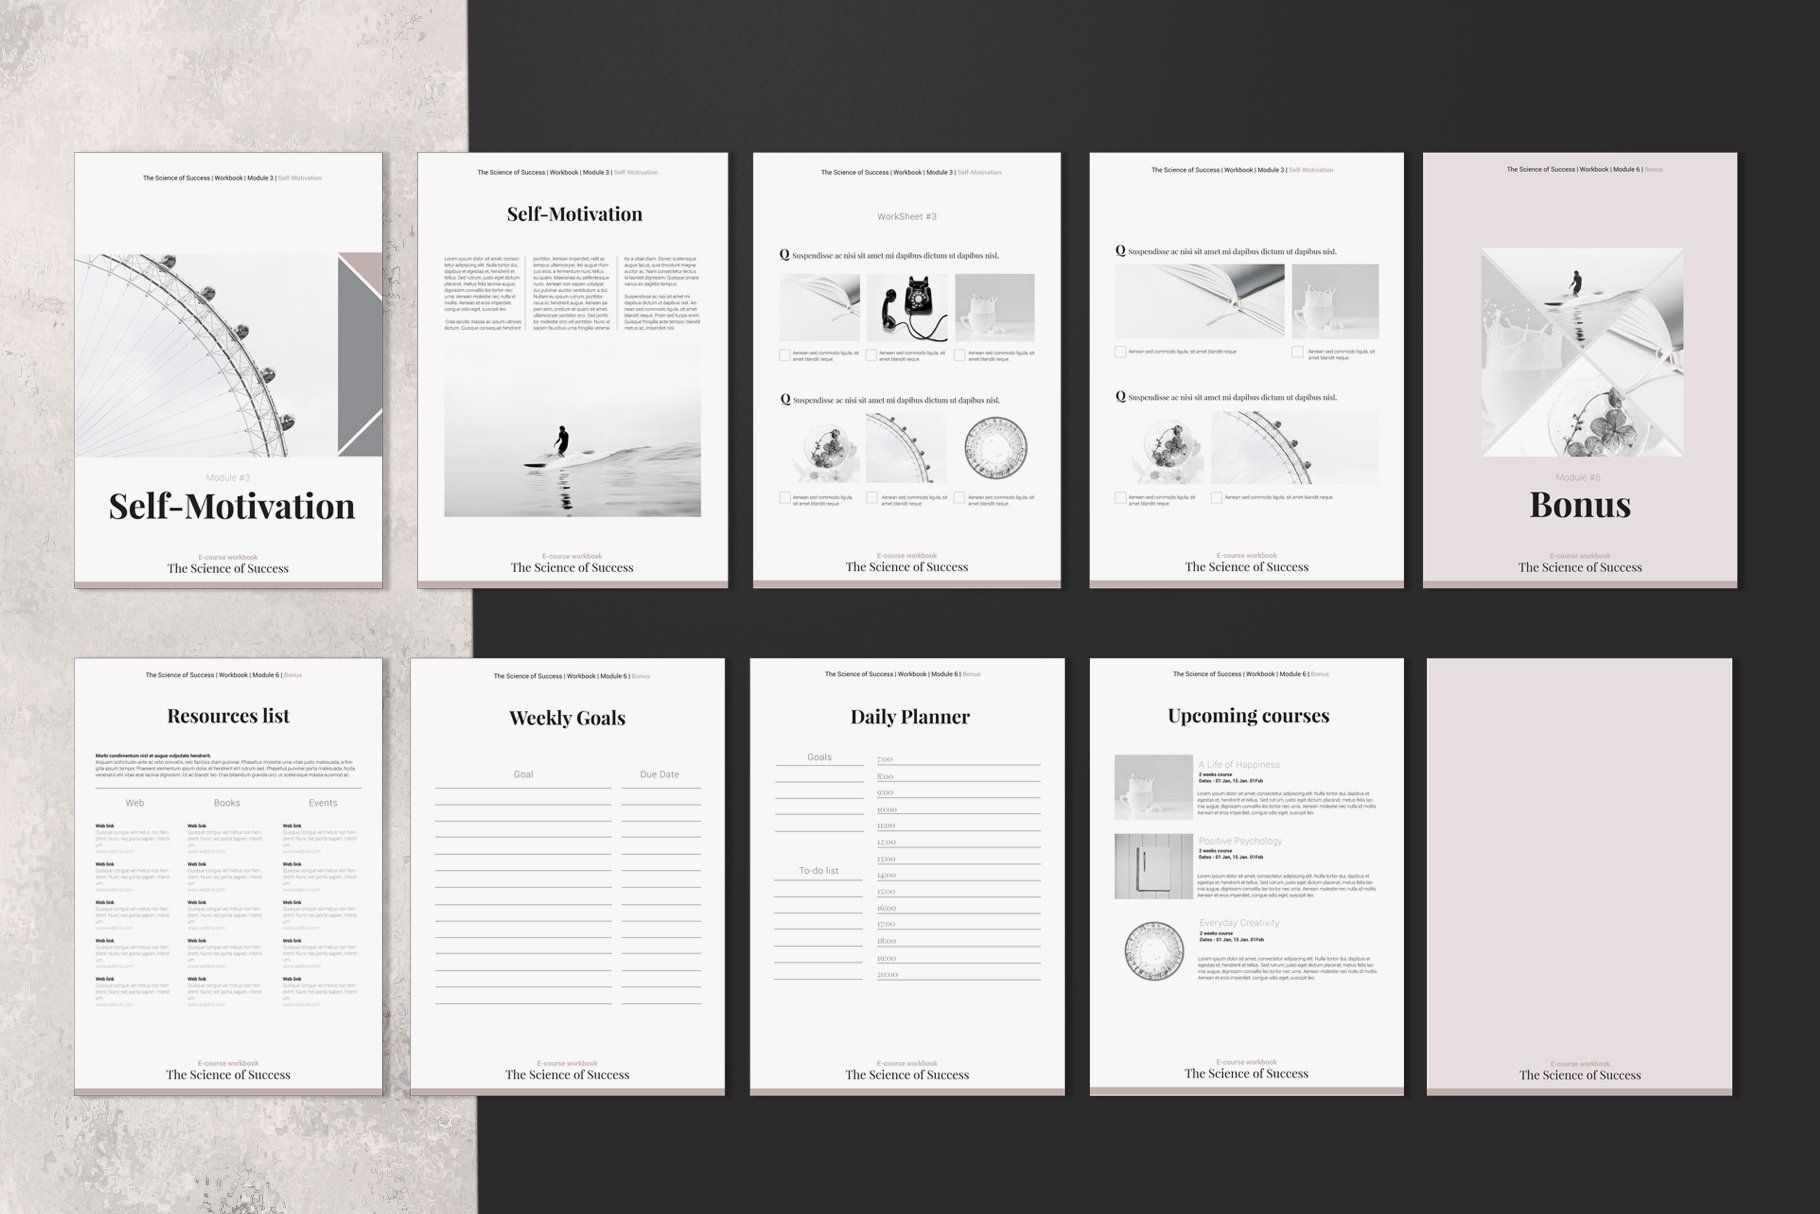 E Course Workbook Indesign Template Workbook Template Indesign